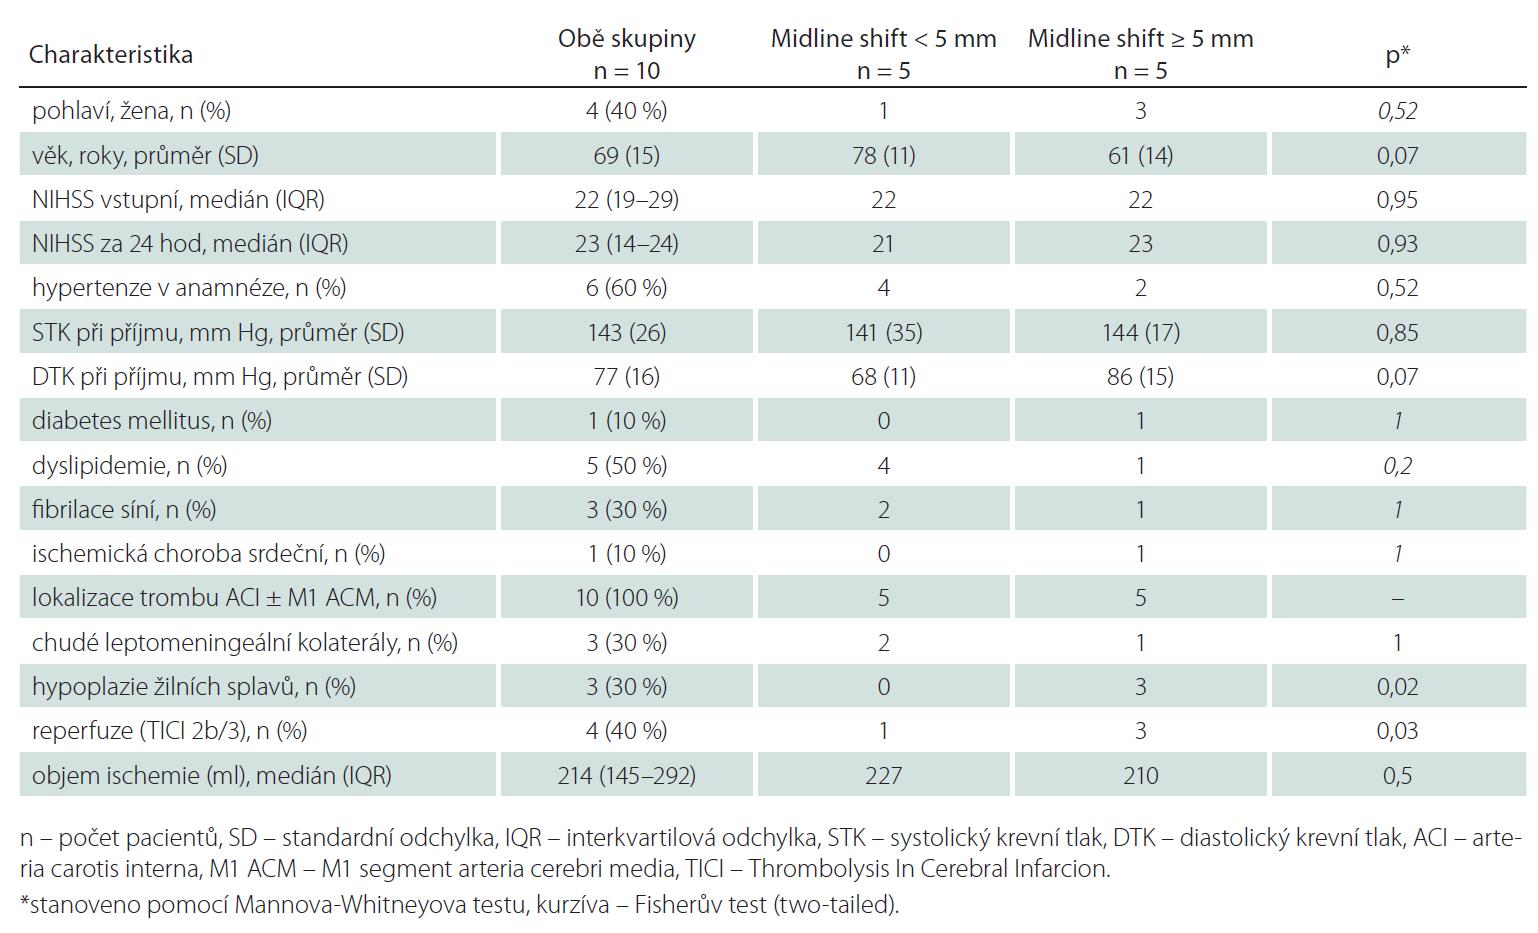 Základní demografické údaje a sledované parametry zobrazovacích metod – ve skupině s posunem středočárových struktur (midline shift) < 5 mm a ≥ 5 mm.